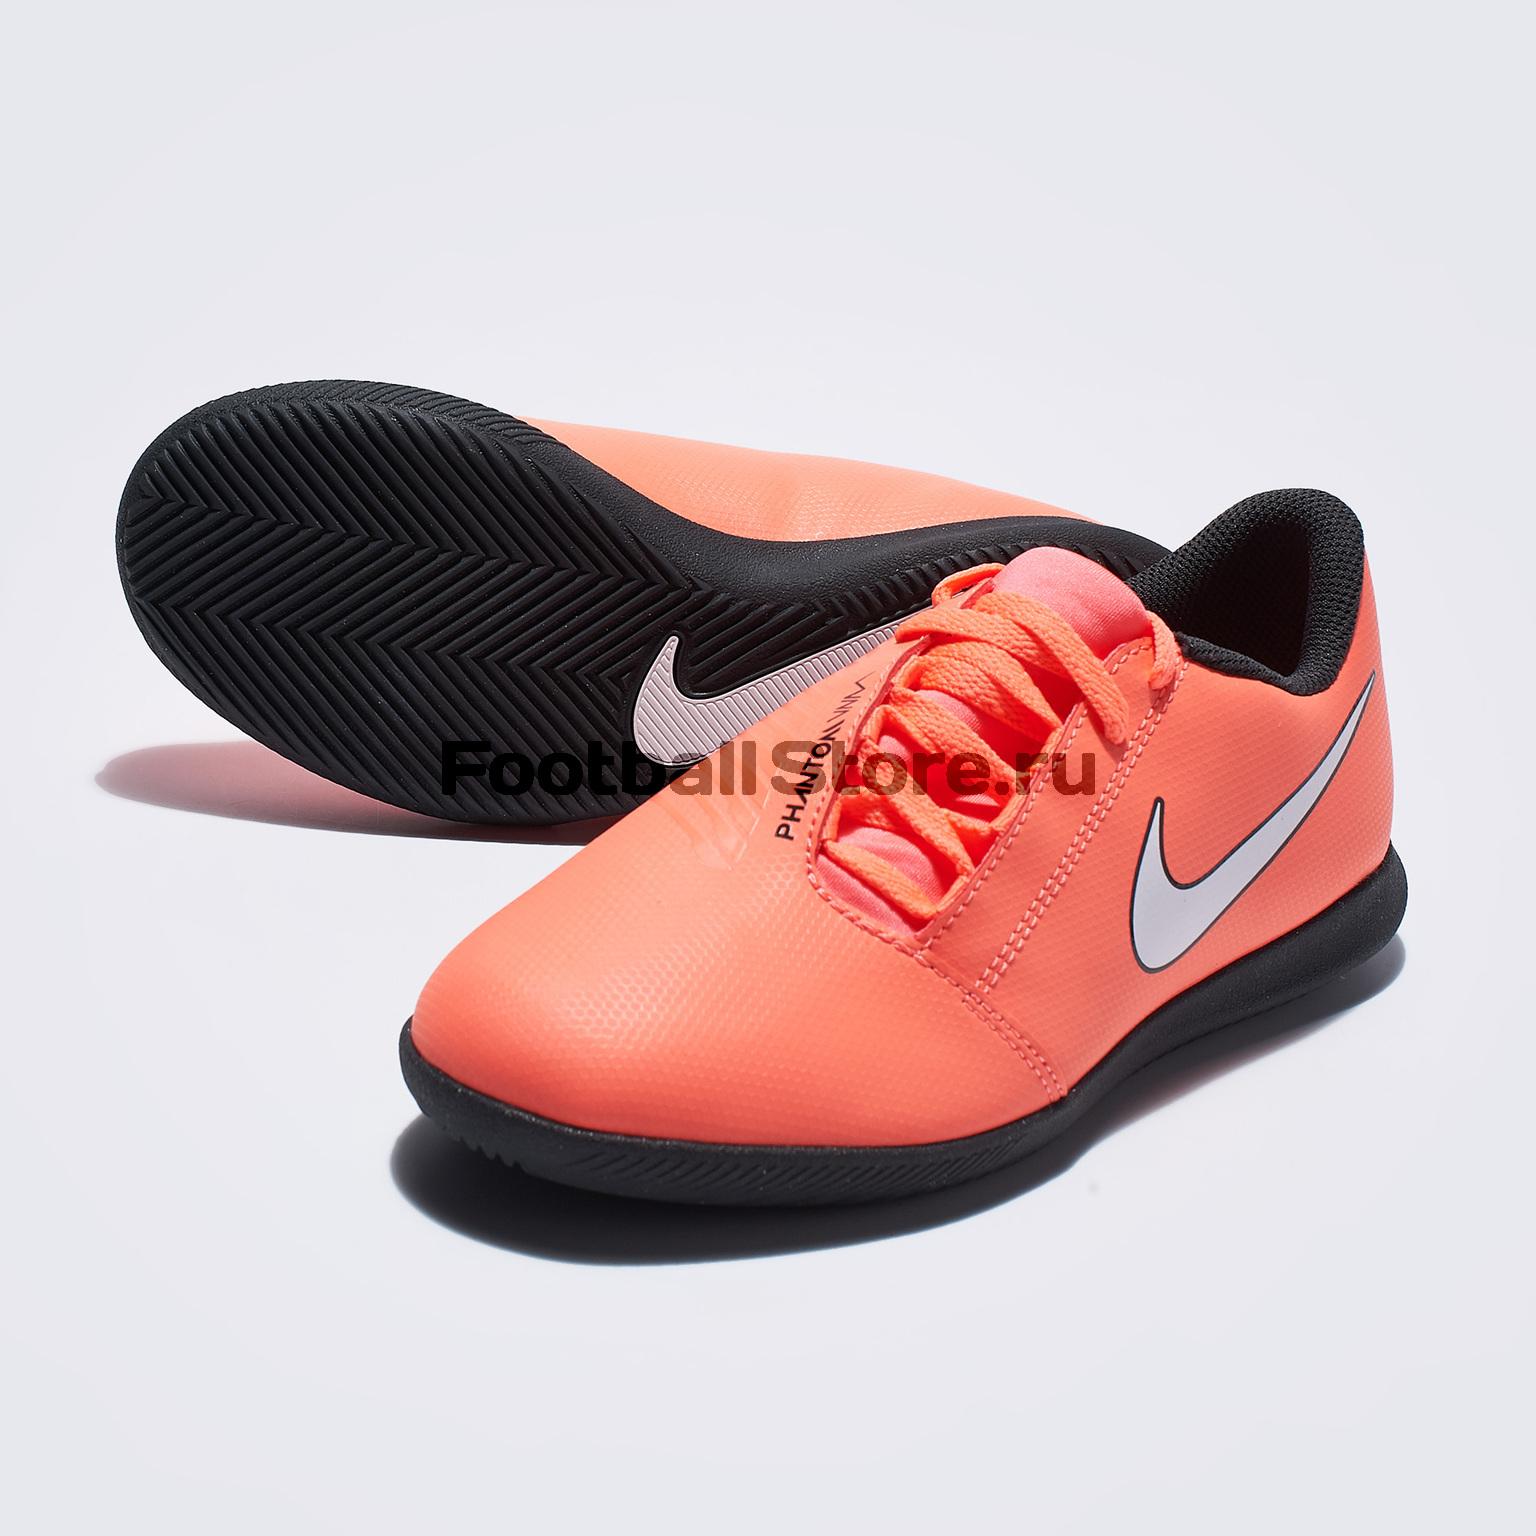 Футзалки детские Nike Phantom Venom Club IC AO0399-810